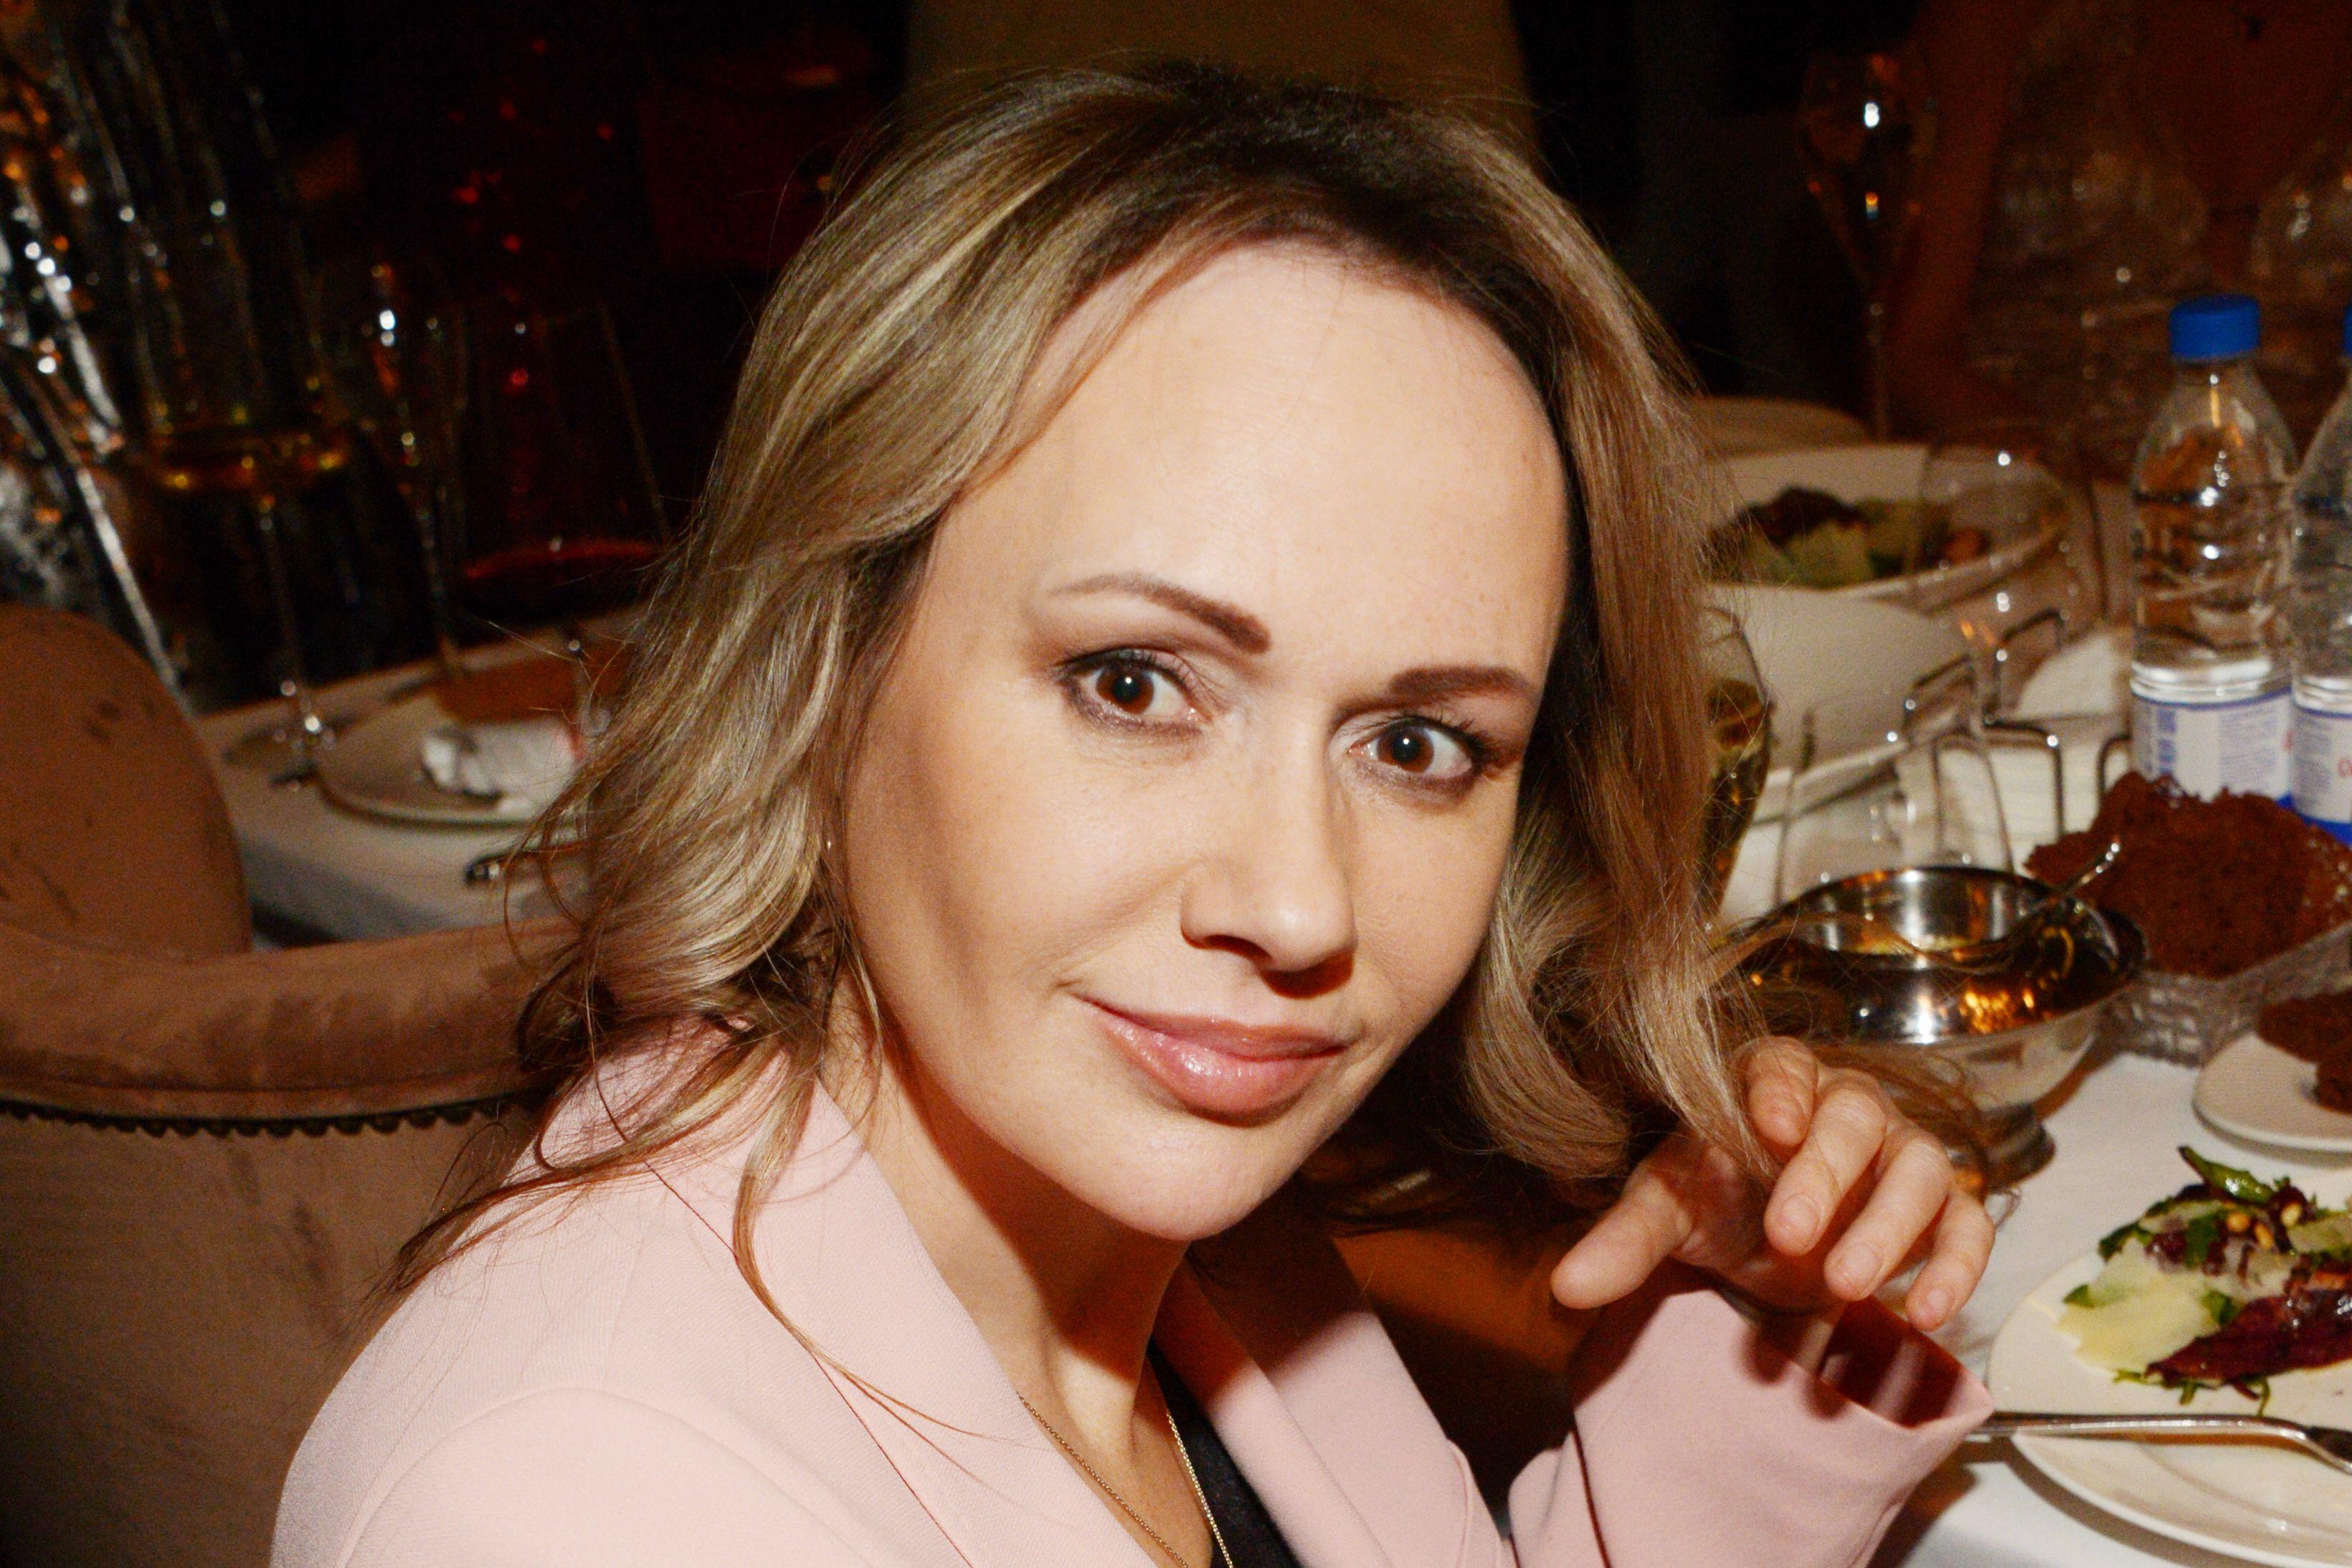 Бутырская считает, что России не отдадут весь пьедестал почёта на ЧМ по фигурному катанию